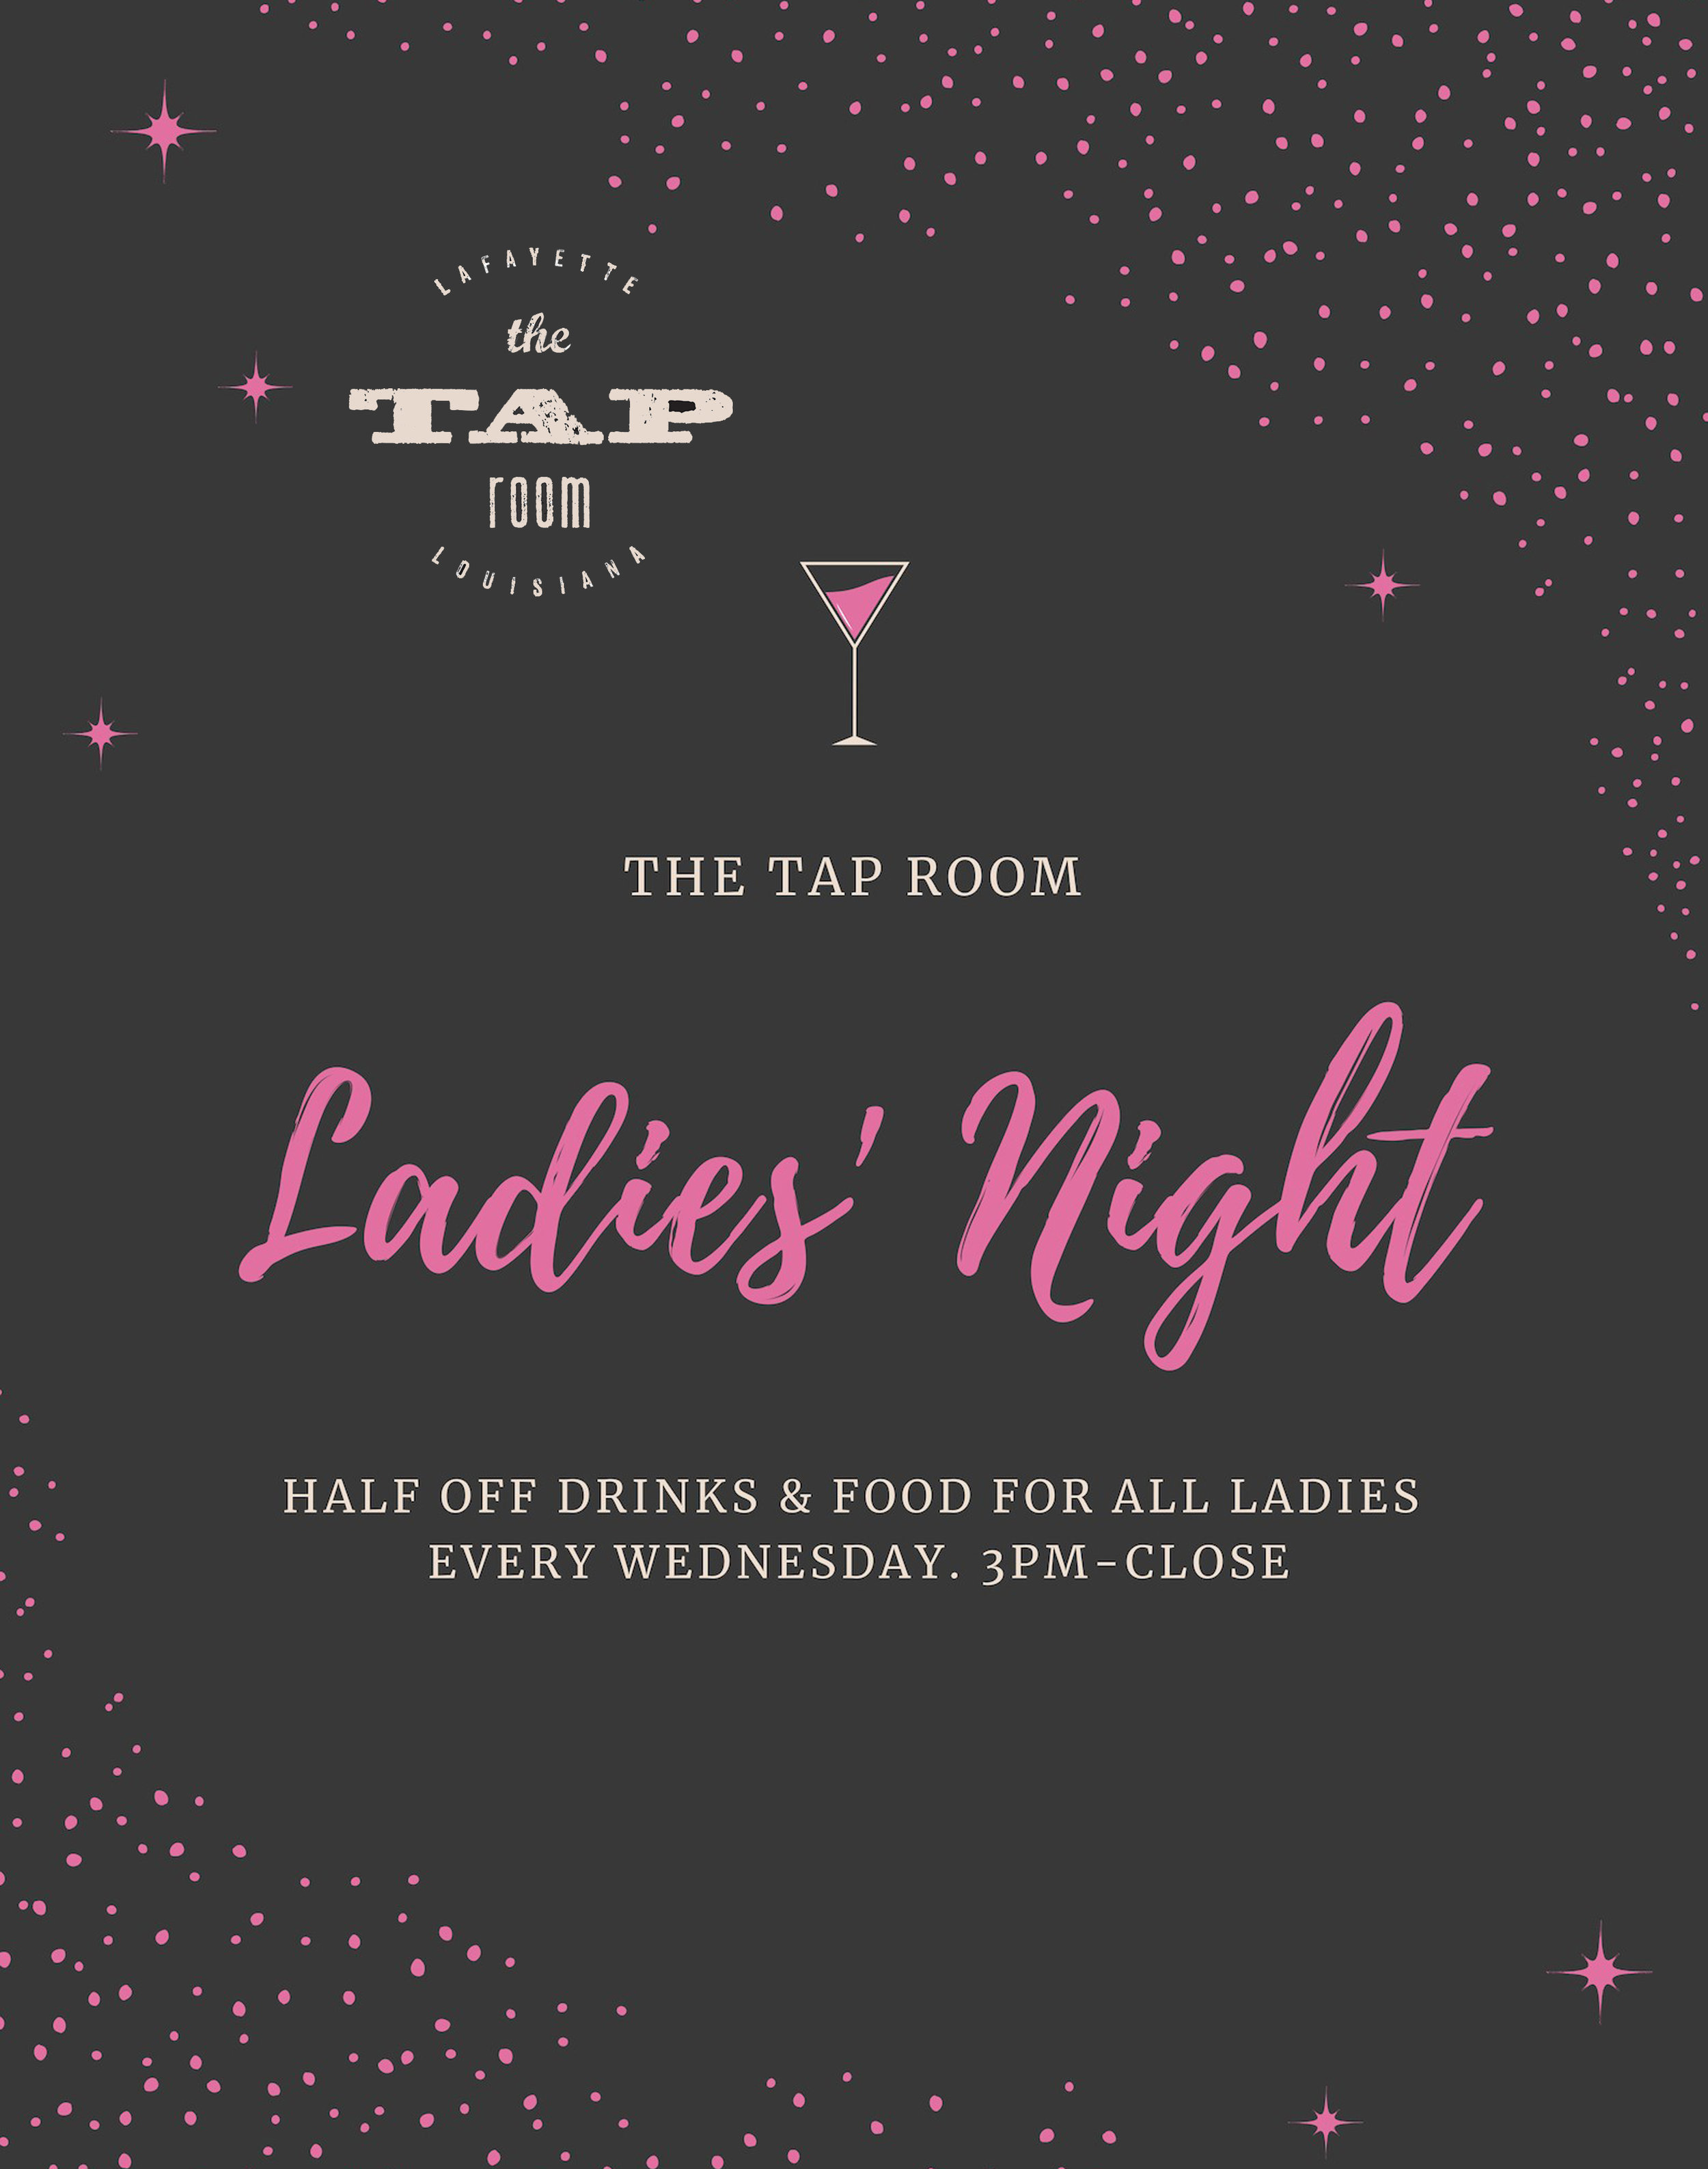 ladies night tap room copy.jpg